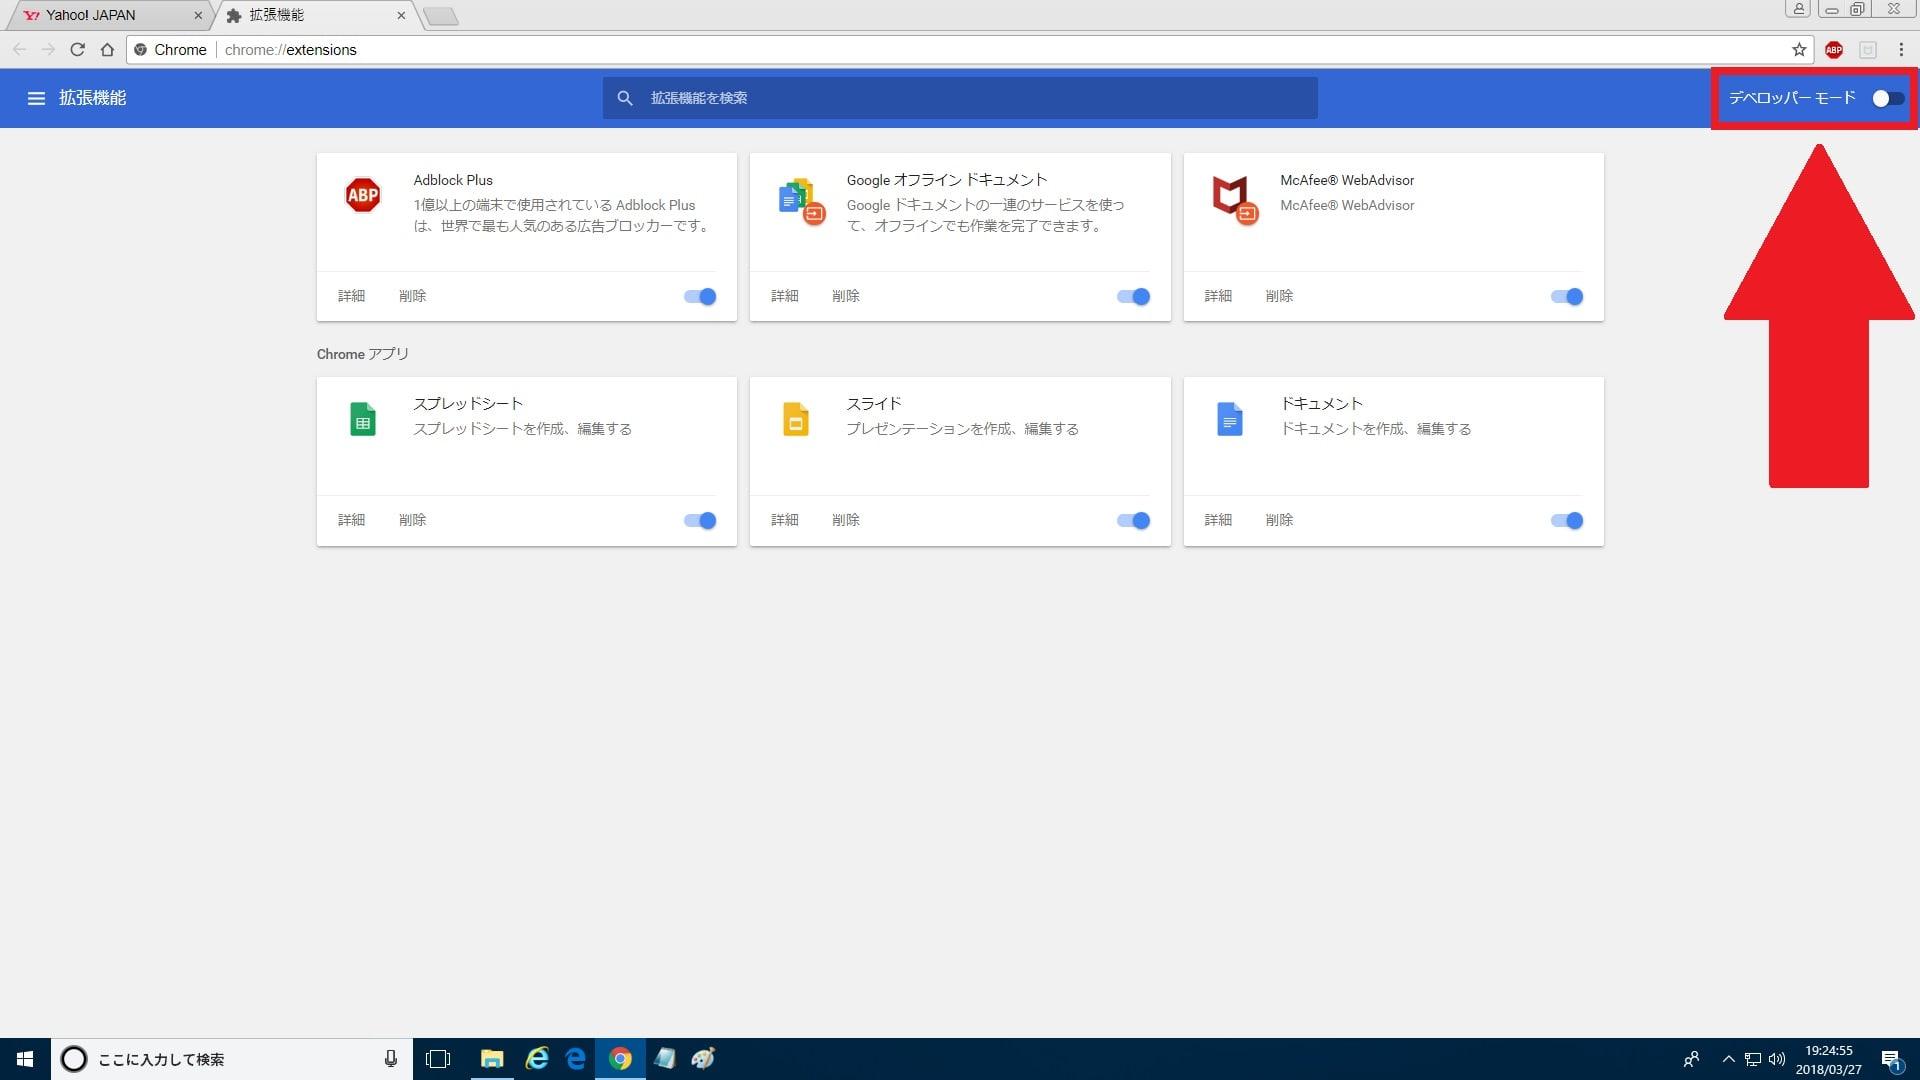 Google chromeの拡張機能の一覧画面でデベロッパーモードを有効にする